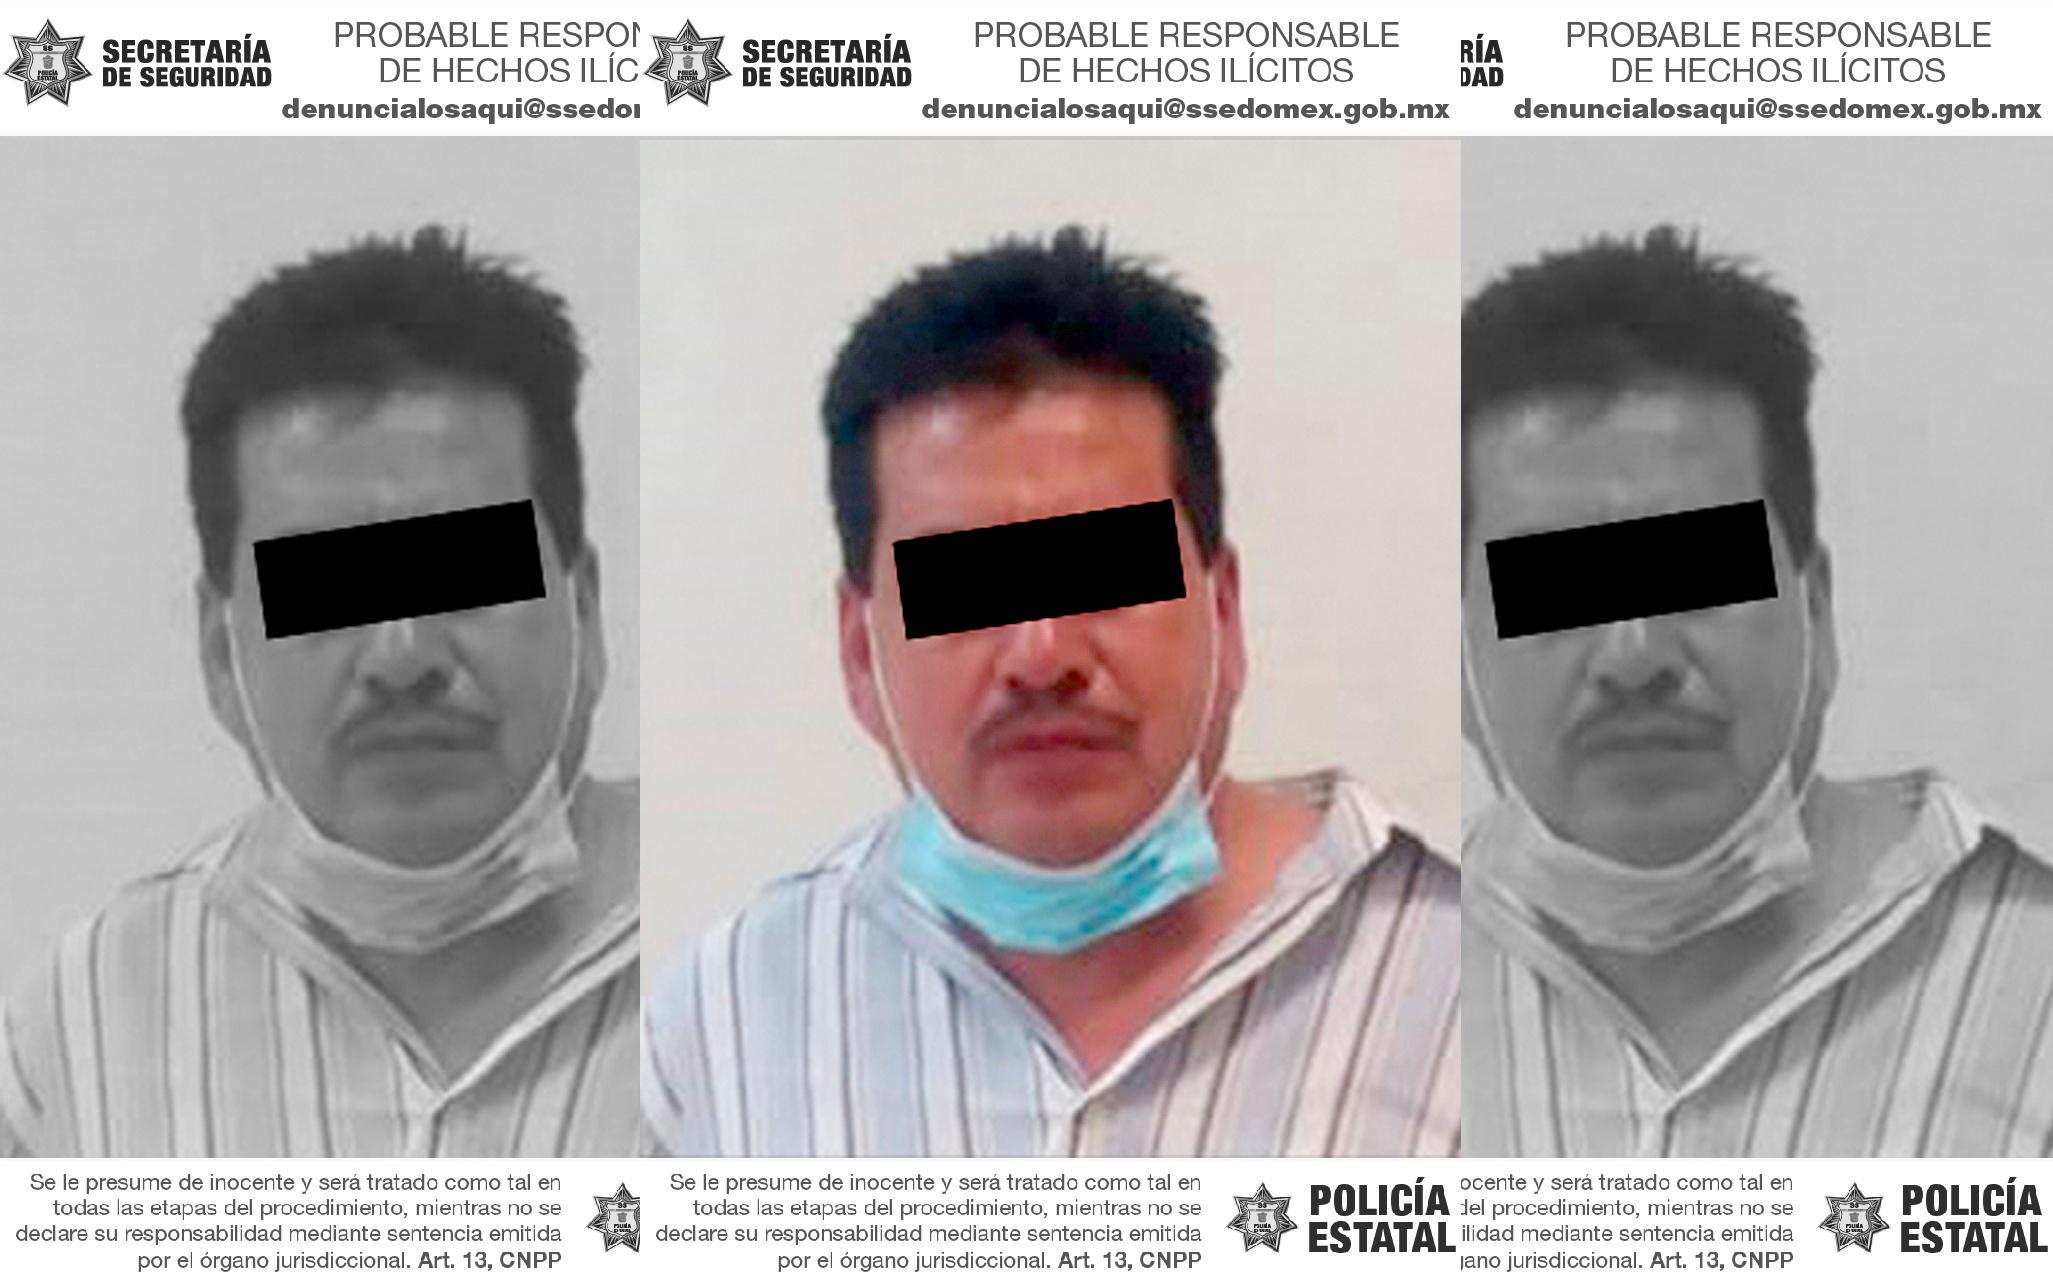 ASEGURAN A PROBABLE RESPONSABLE DE VIOLENCIA FAMILIAR Y ATAQUE PELIGROSO EN TEXCOCO